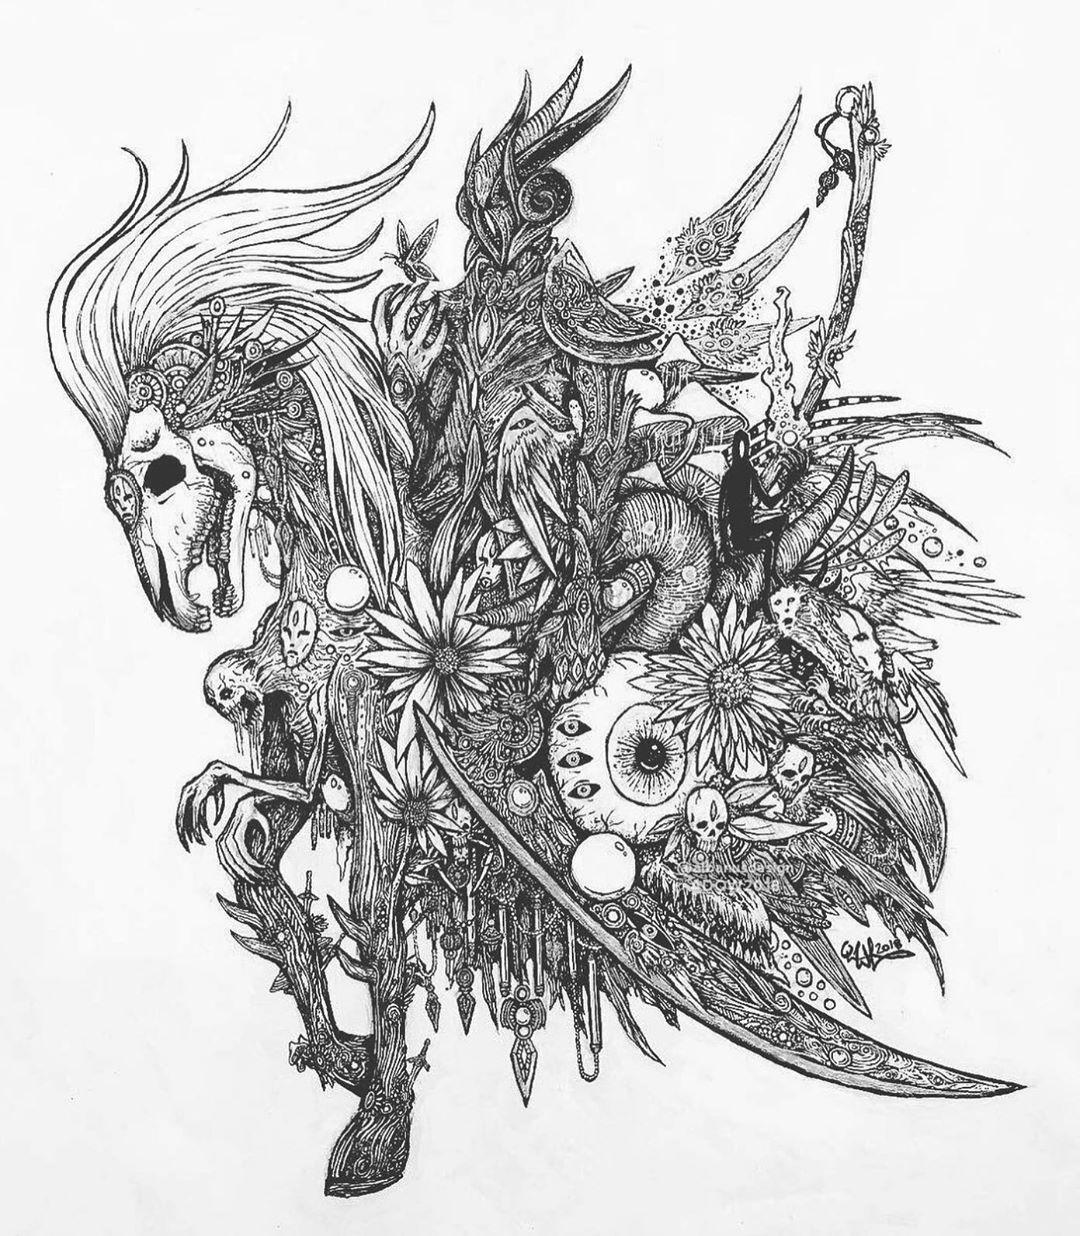 插画By INS:albanusdesign